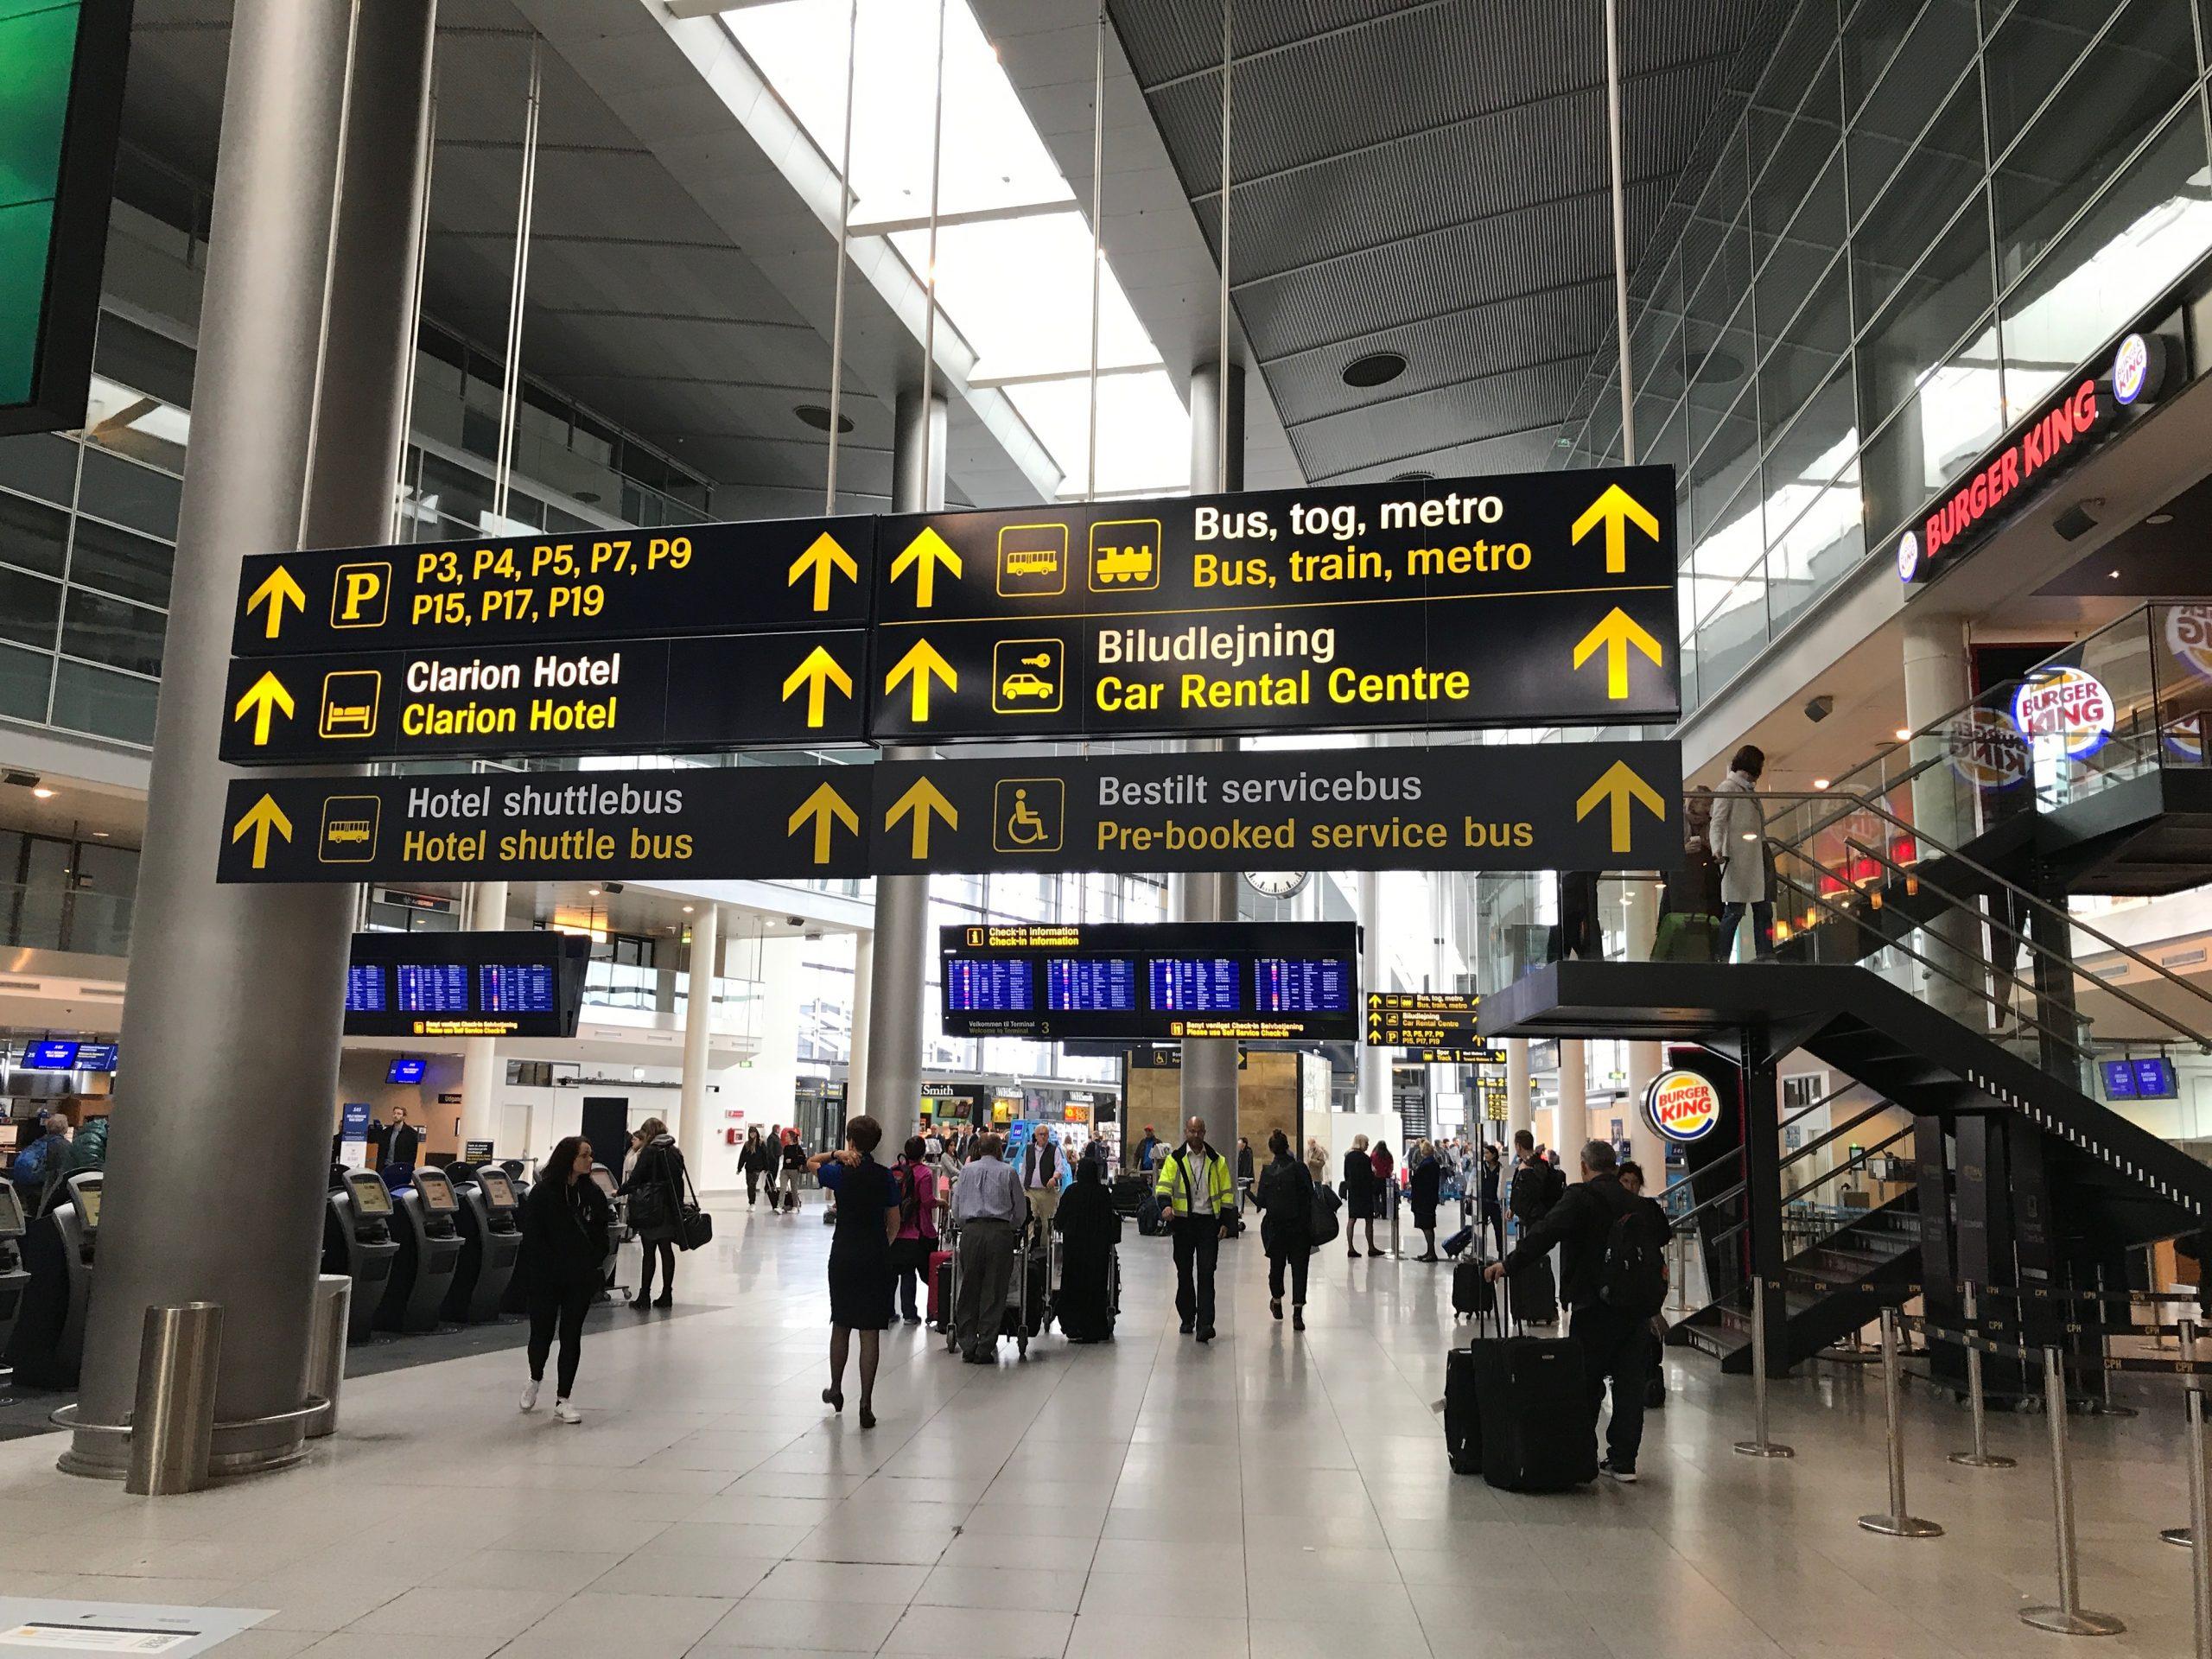 Københavns Lufthavn er tilgængelig med både bus, tog og metro. (Arkivfoto: Edward Pizzarello)